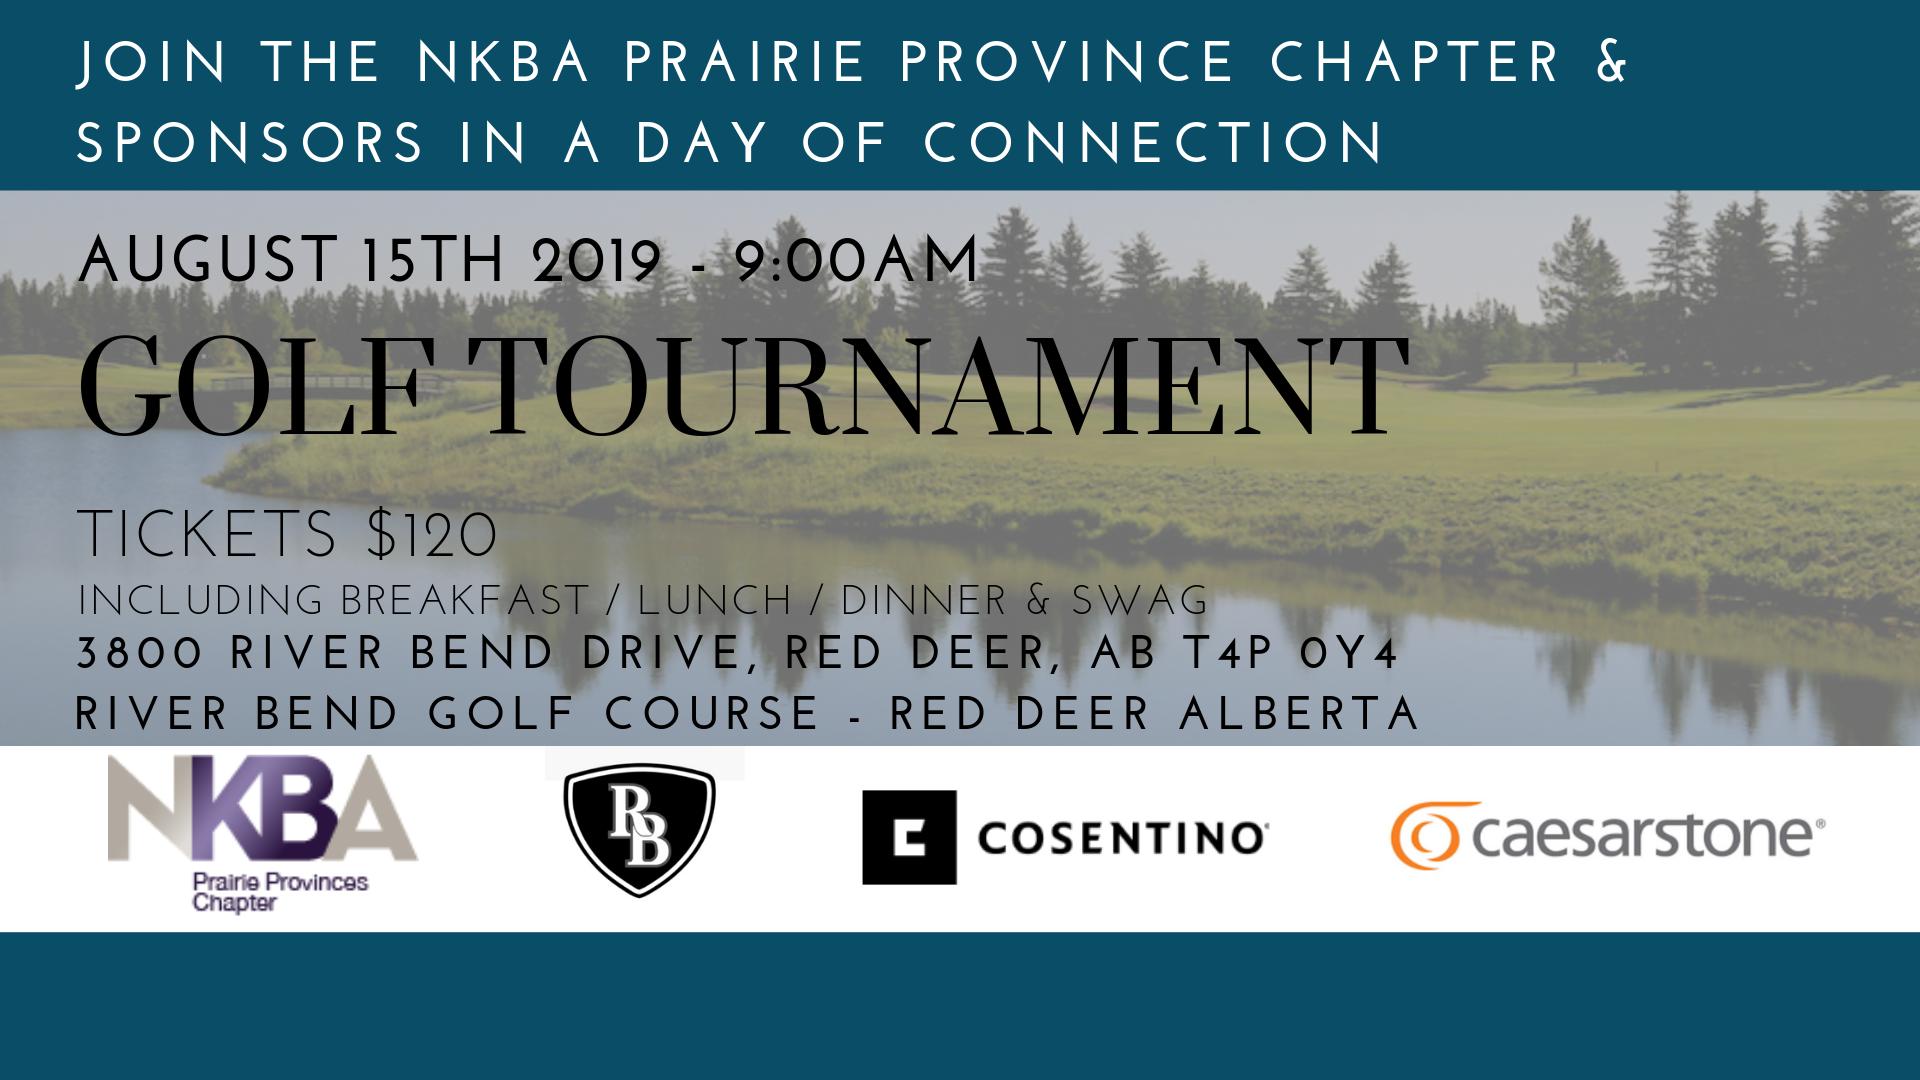 NKBA Prairie Provinces Chapter - NKBA